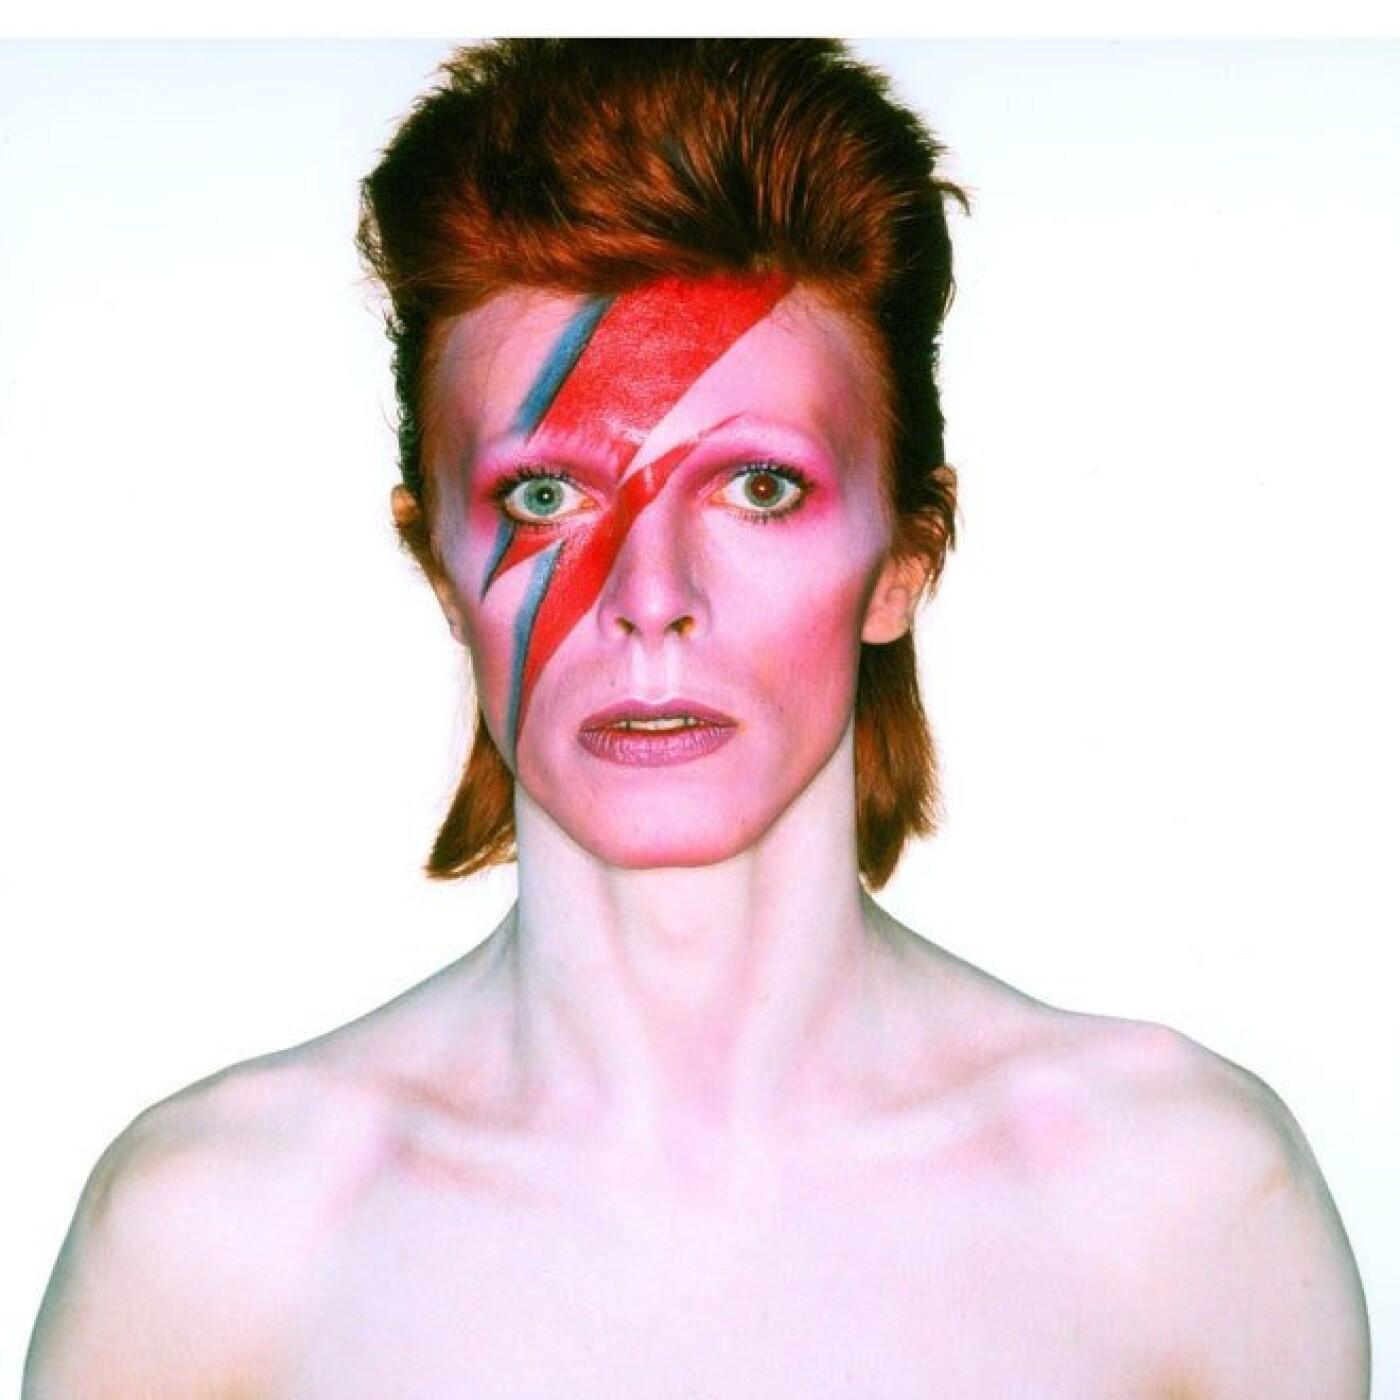 5 ans après la disparition de Bowie, notre Dj Loic présente son miX thématiK - 14 01 2021 - StereoChic Radio